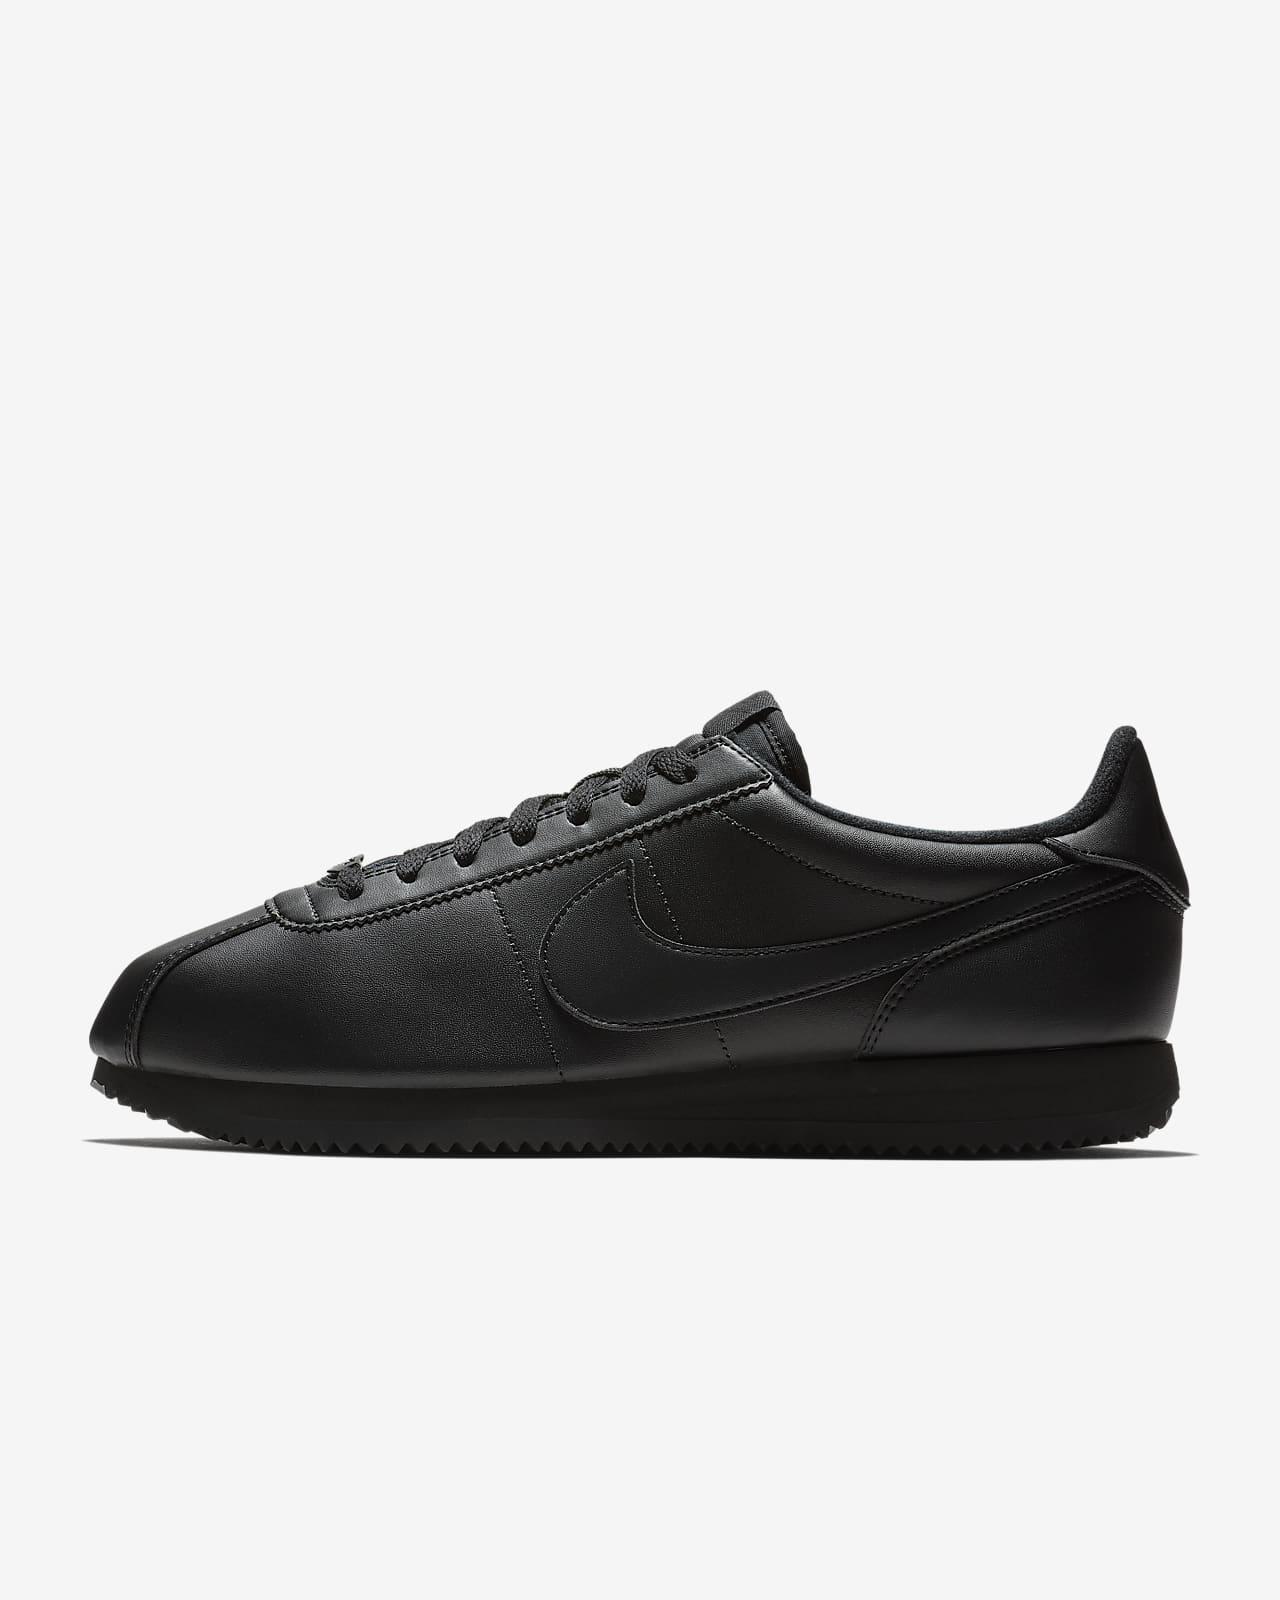 Bota Nike Cortez Basic